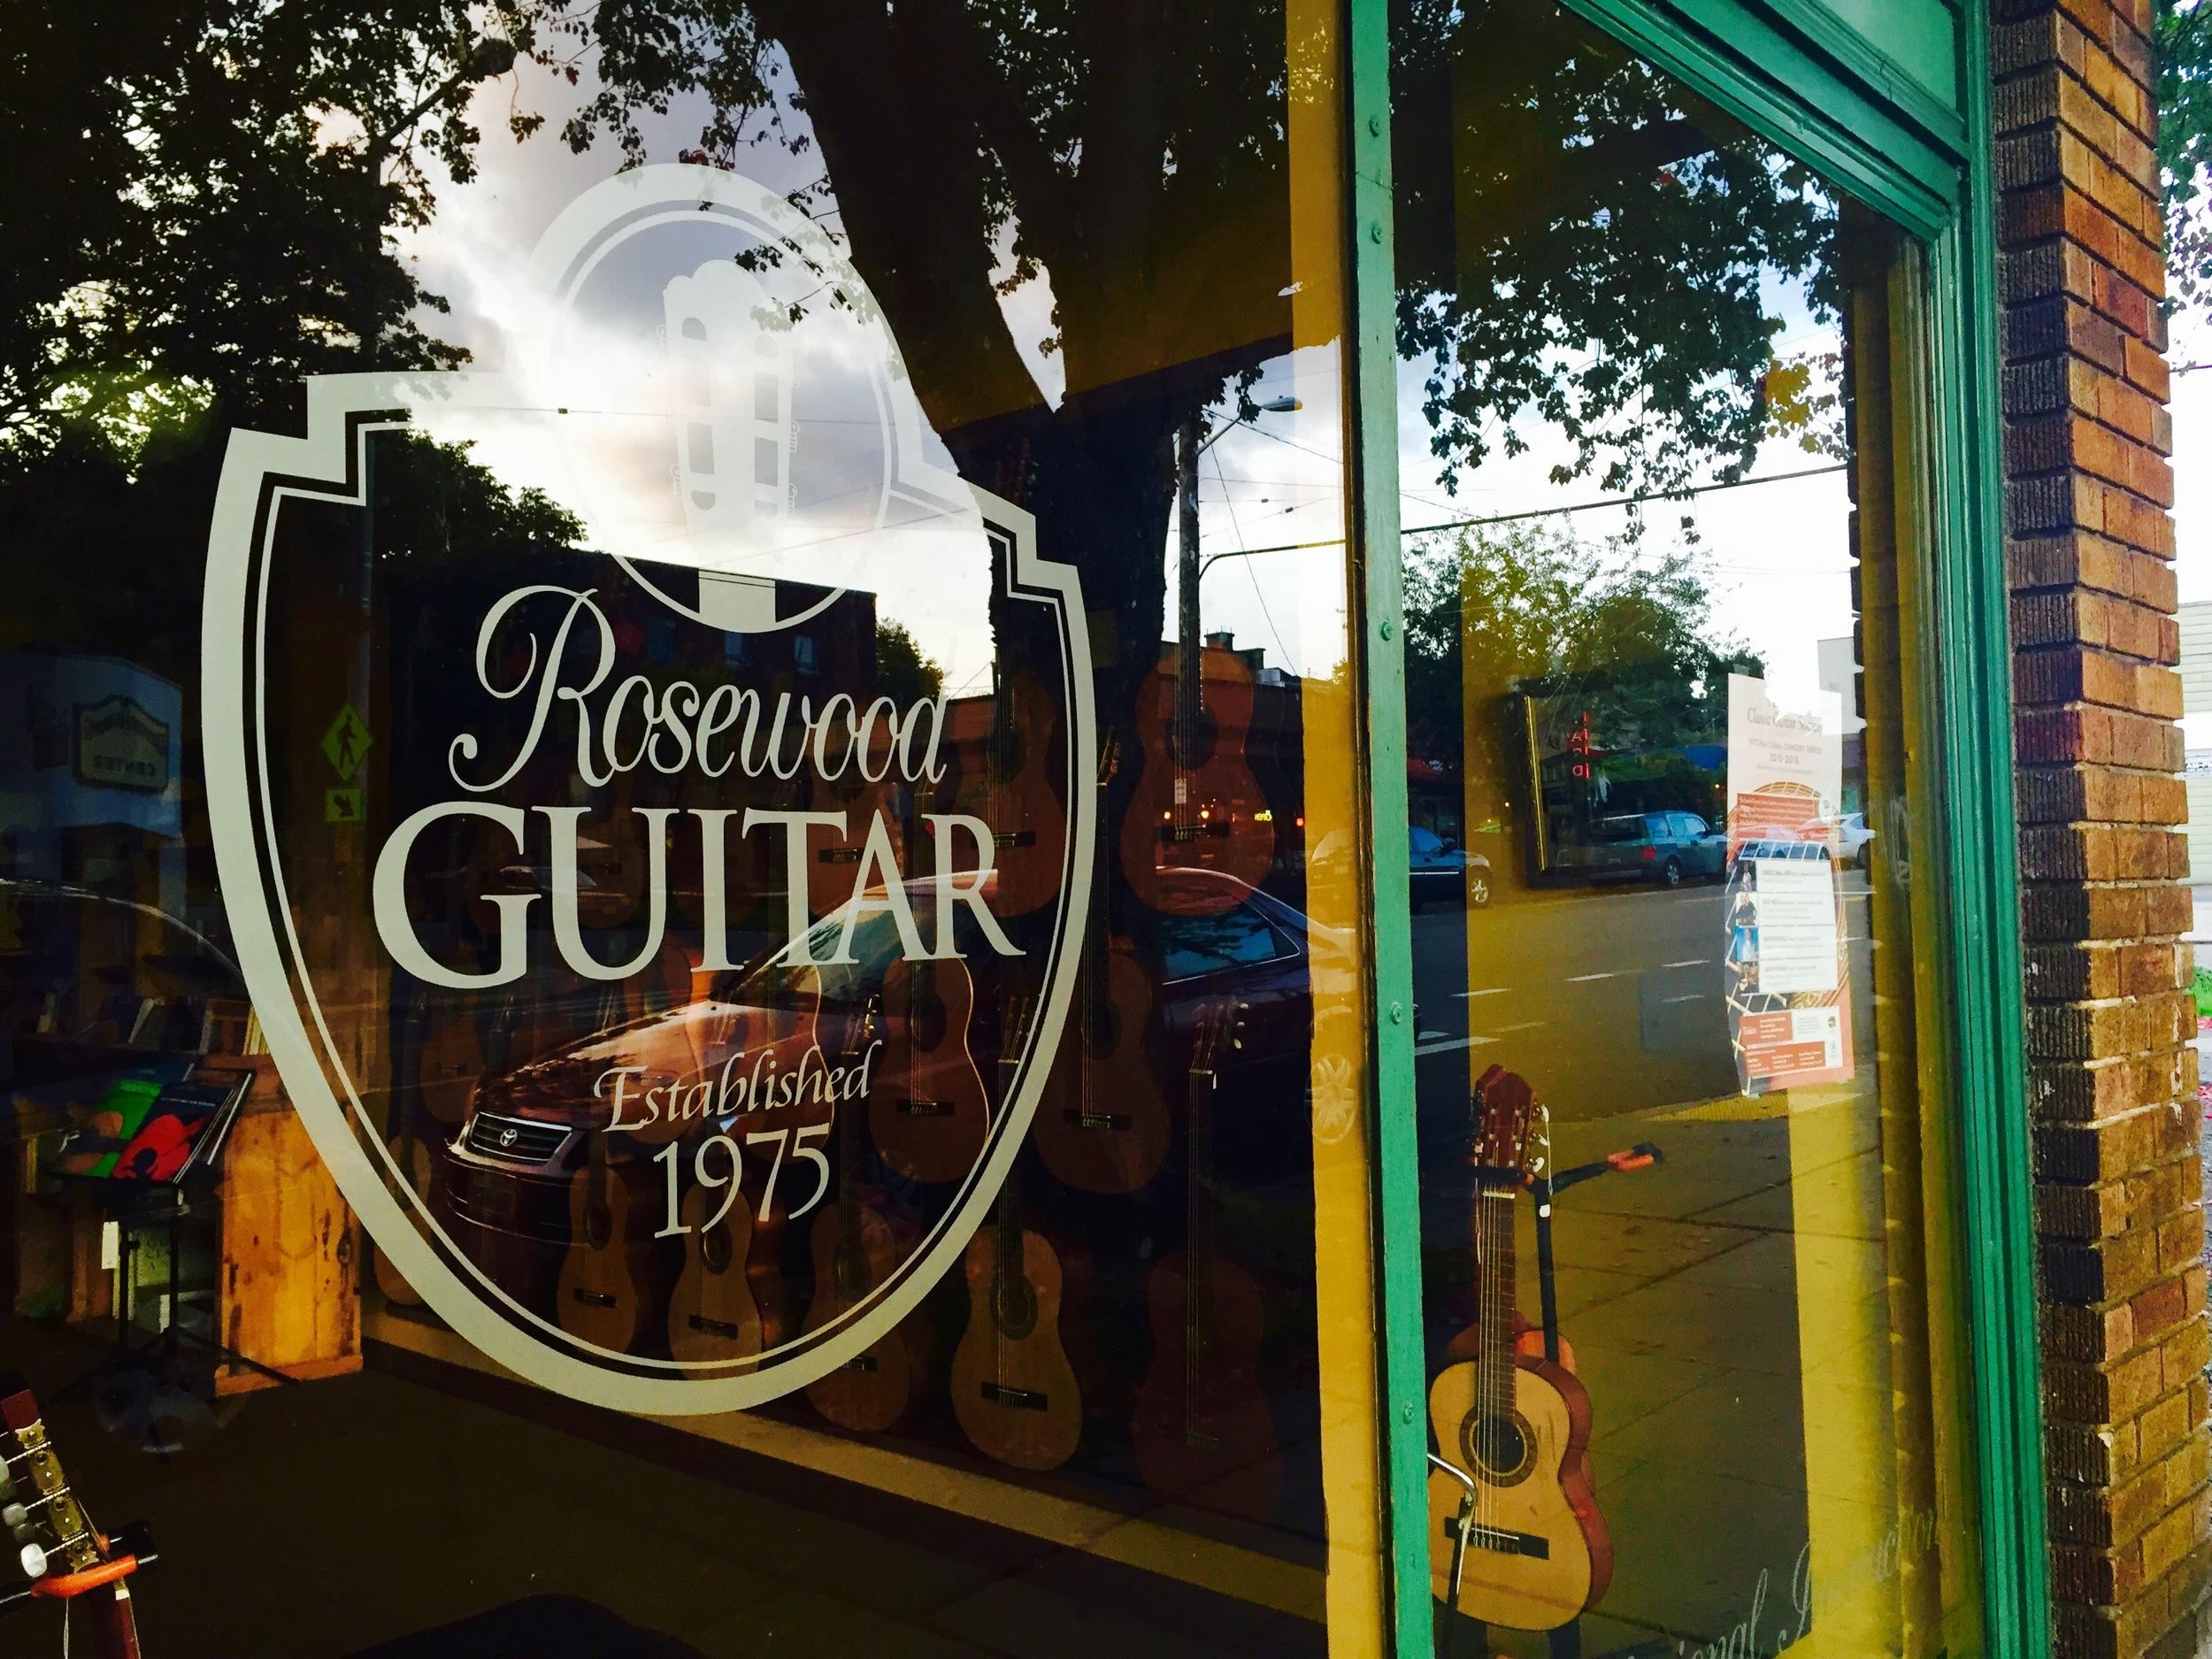 Rosewood Guitar